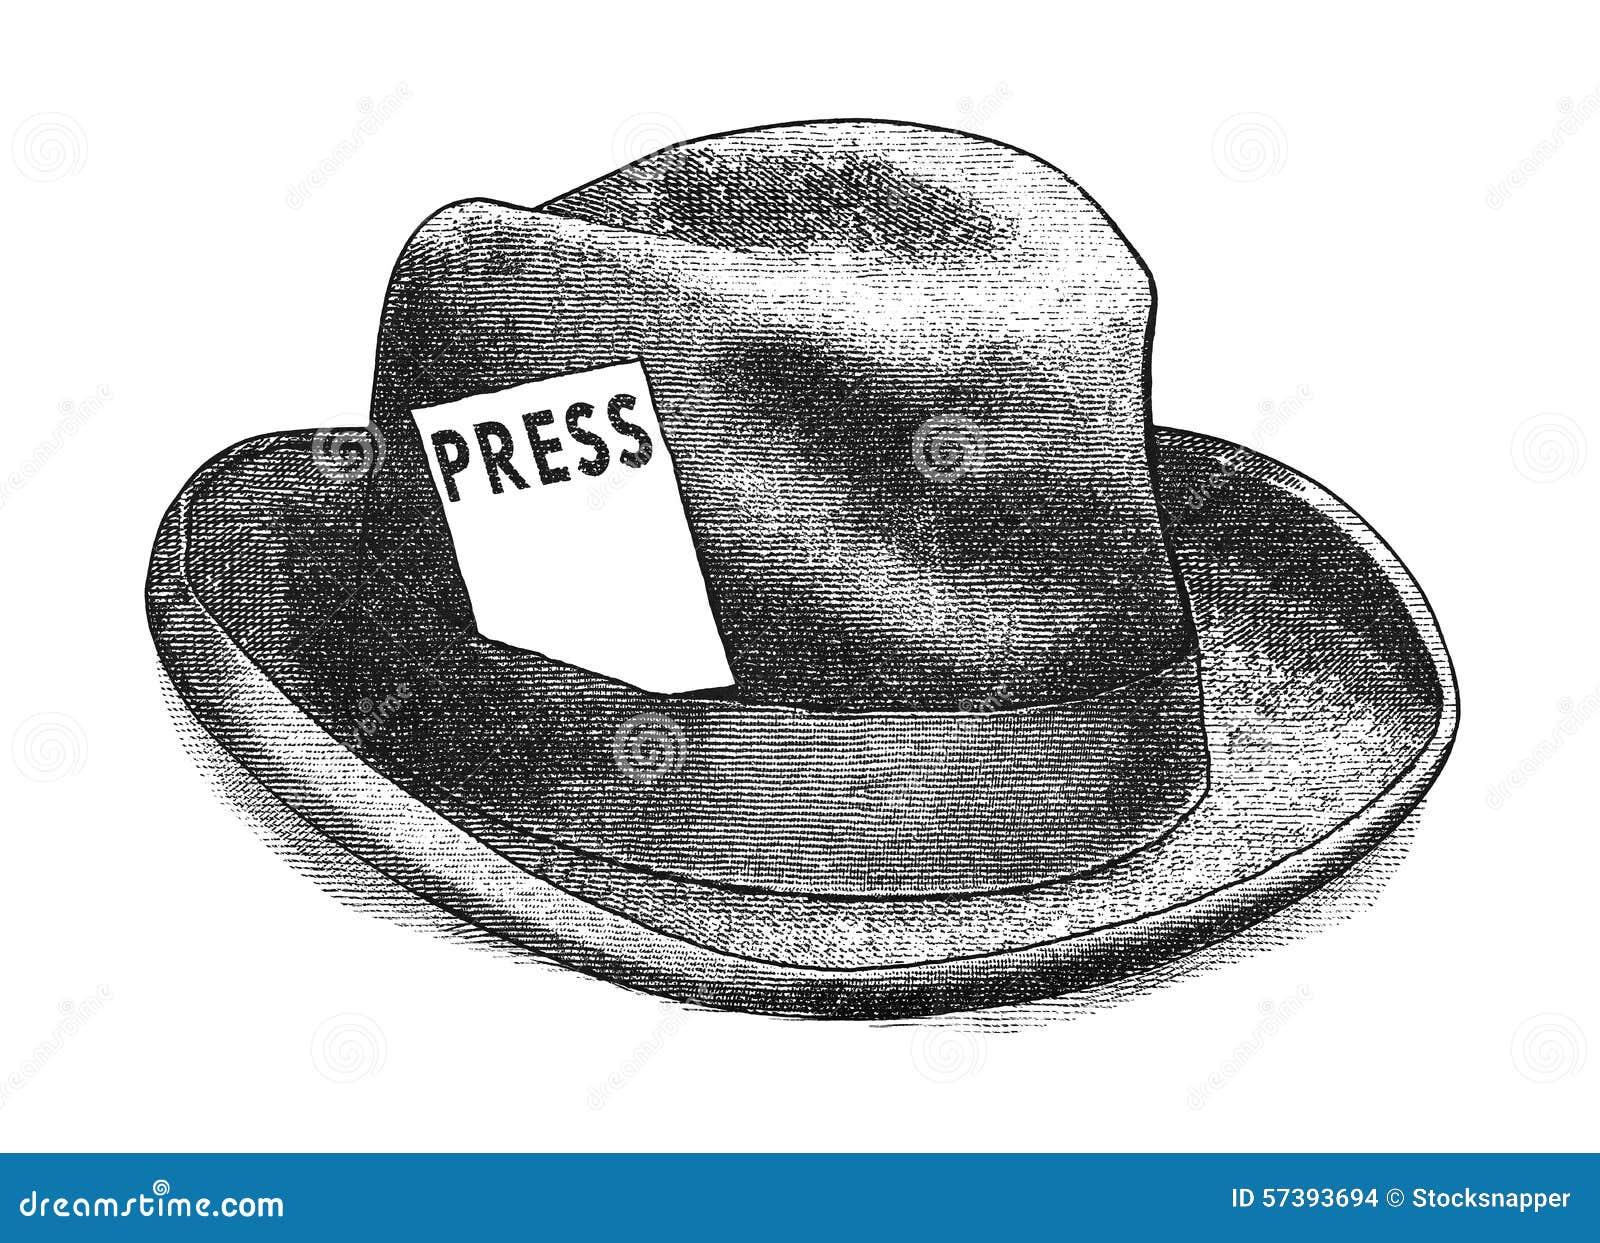 Ontmoet de pers